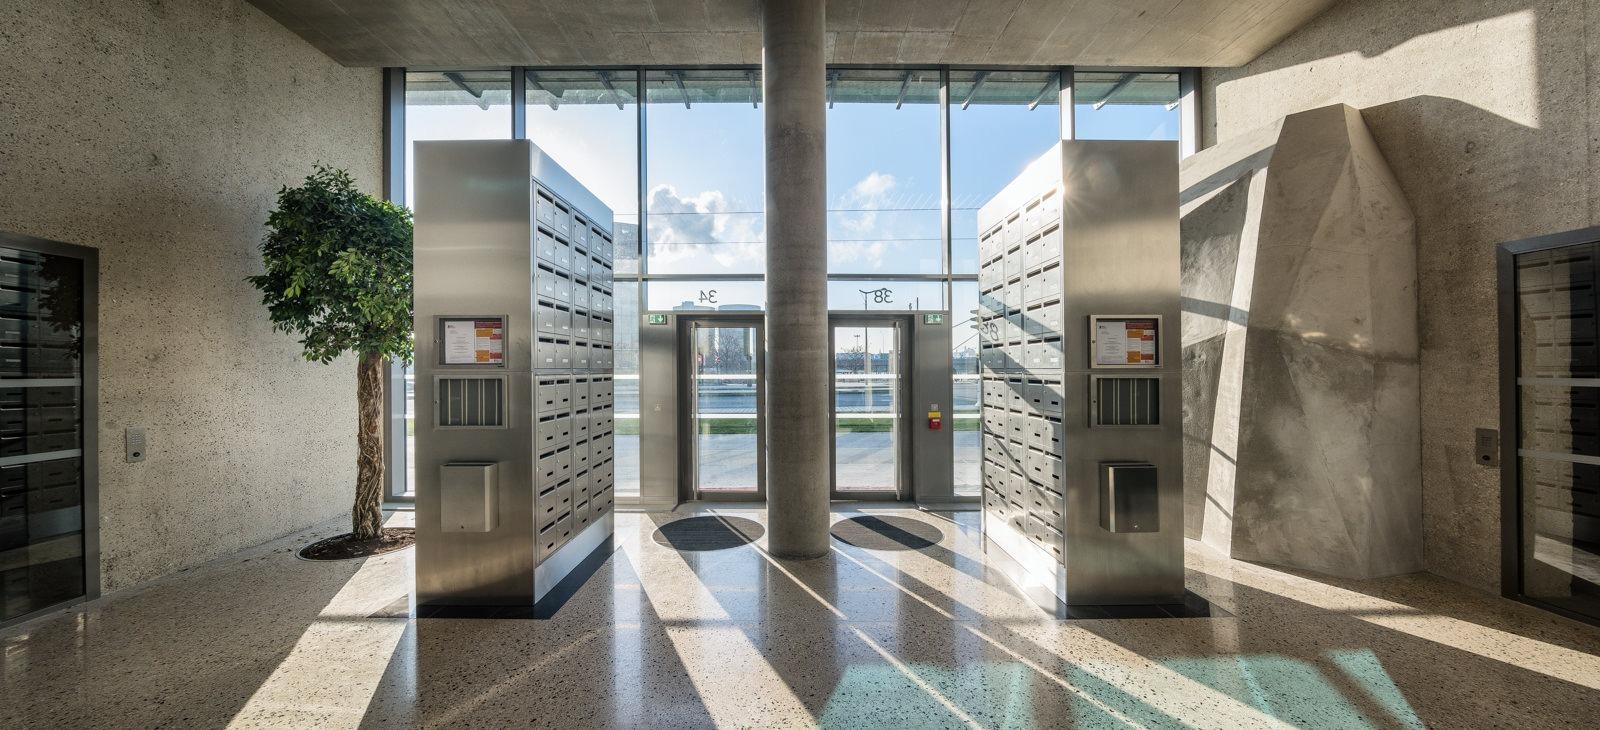 Edouardfrancois Tourbiodiversite Pierrelexcellent 28 Architecture Jeu De Contrastes Pour